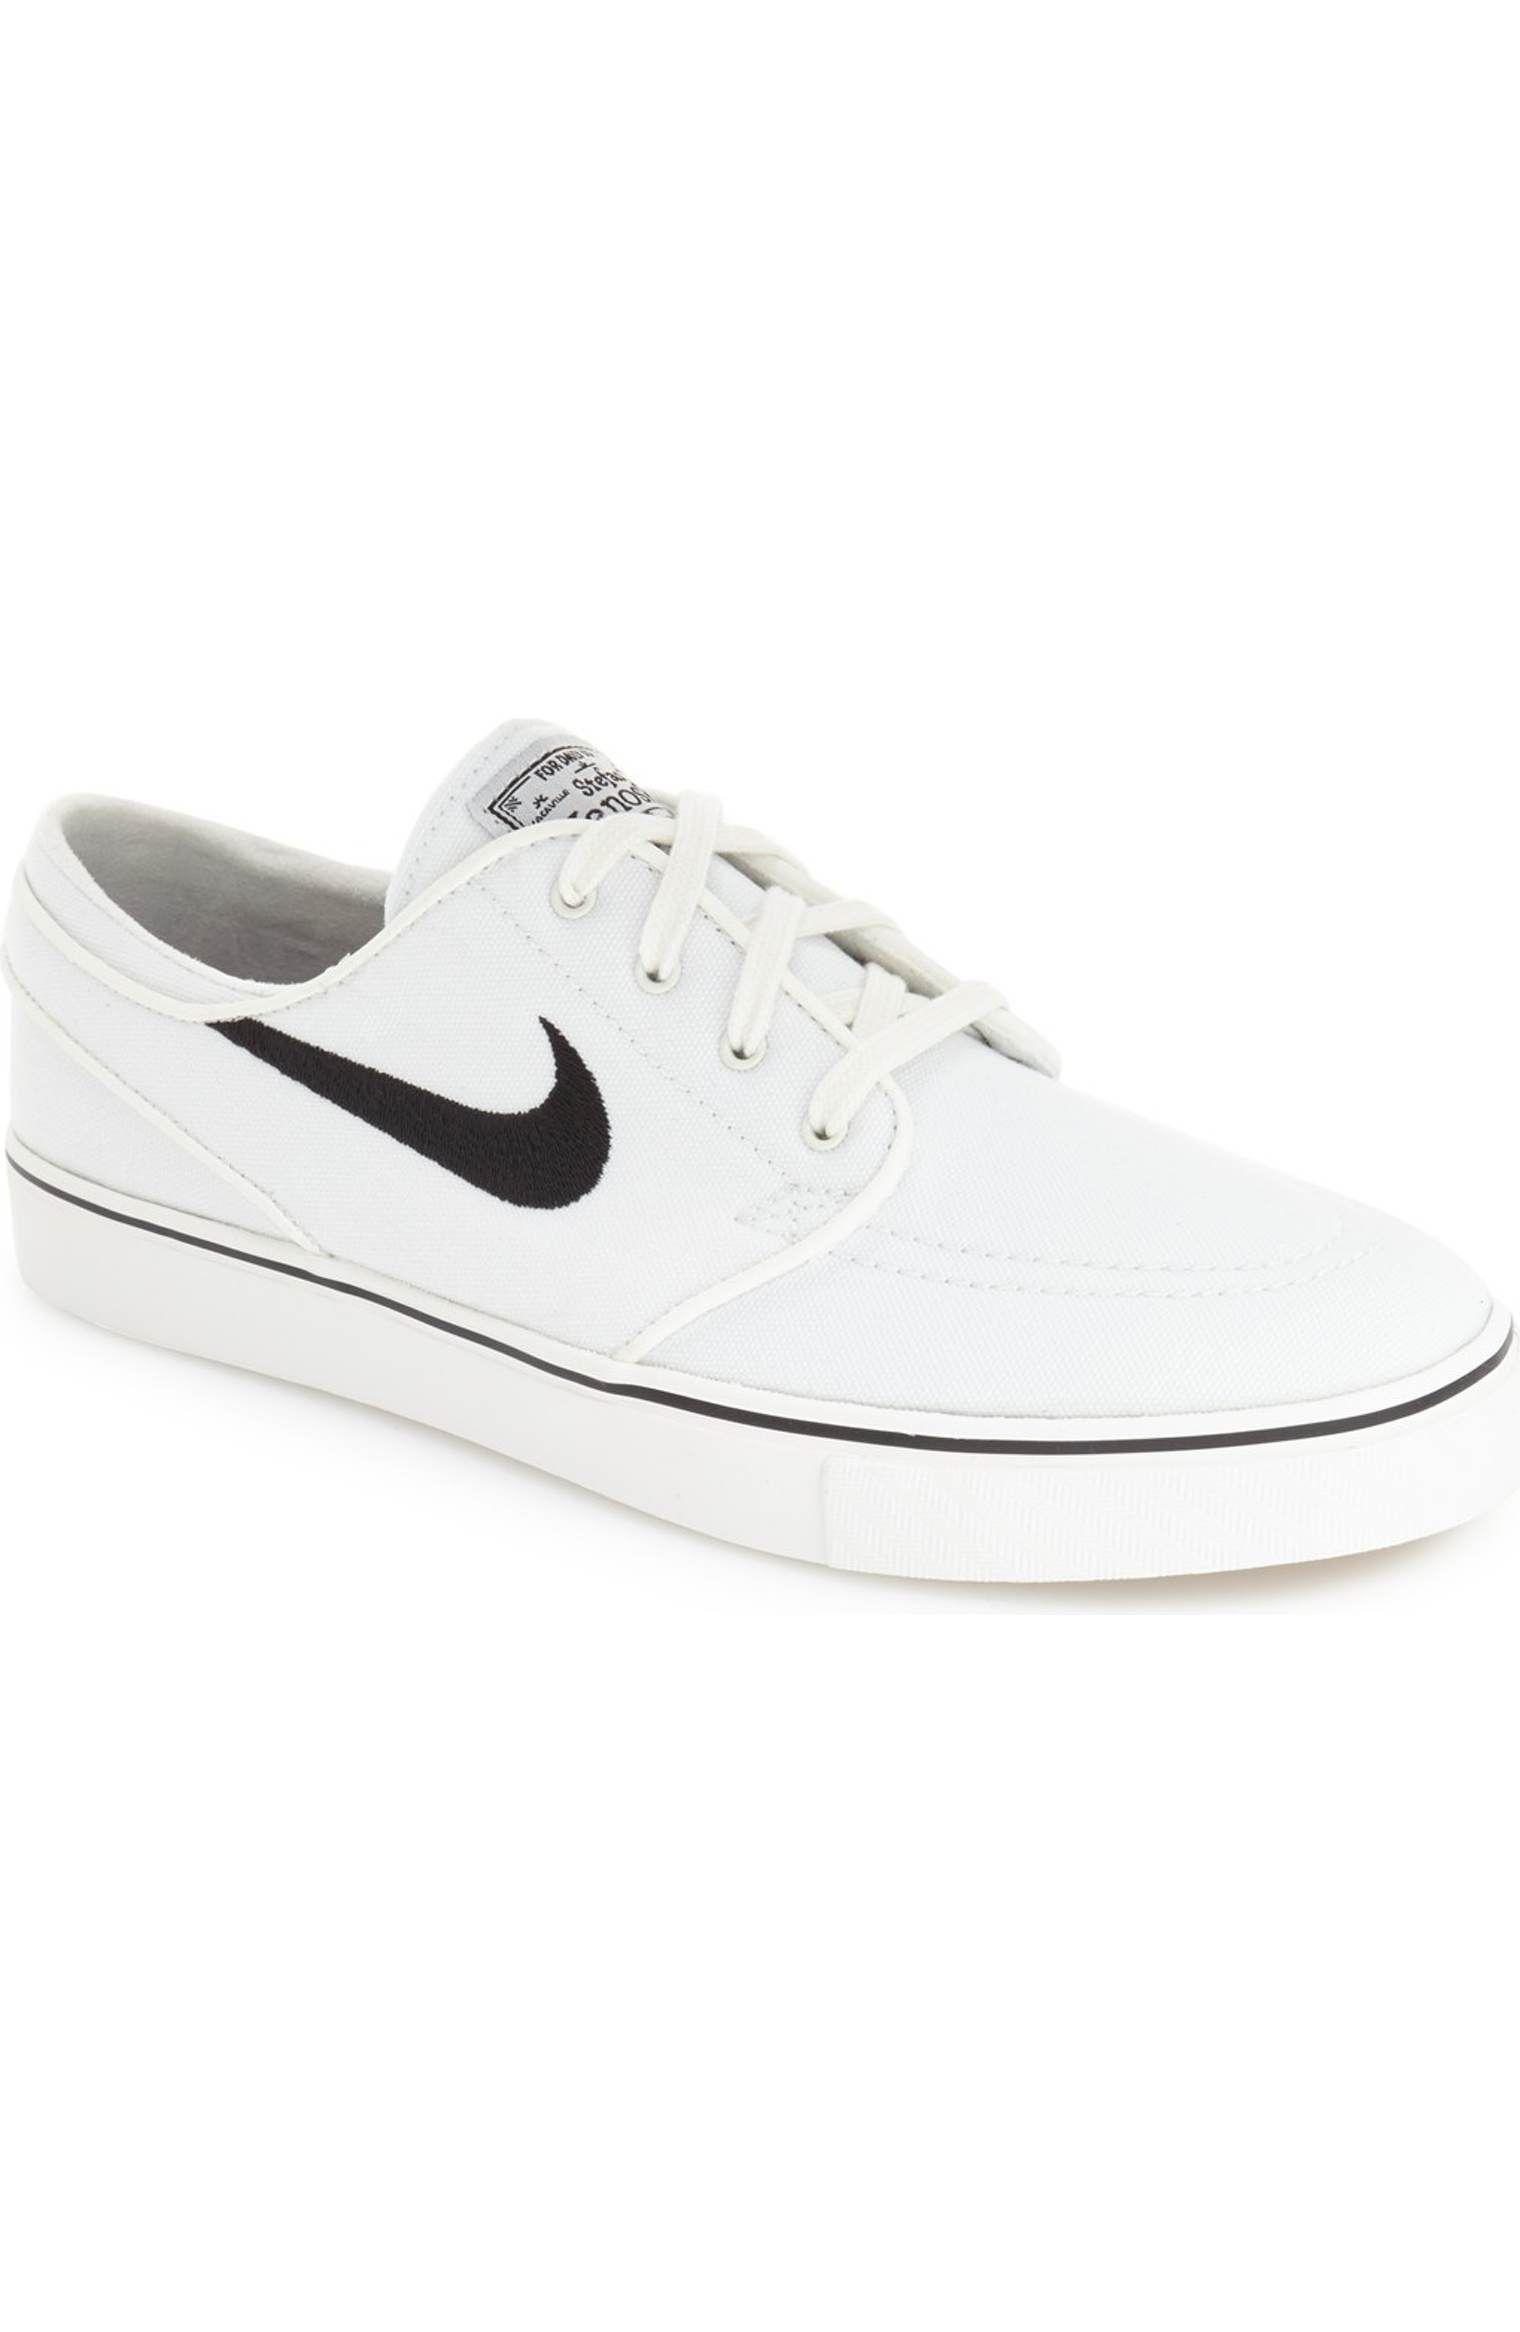 Reportero Edredón Bóveda  Main Image - Nike 'Zoom - Stefan Janoski SB' Canvas Skate Shoe | Nike zoom  stefan janoski, Skate shoes, Stefan janoski sb